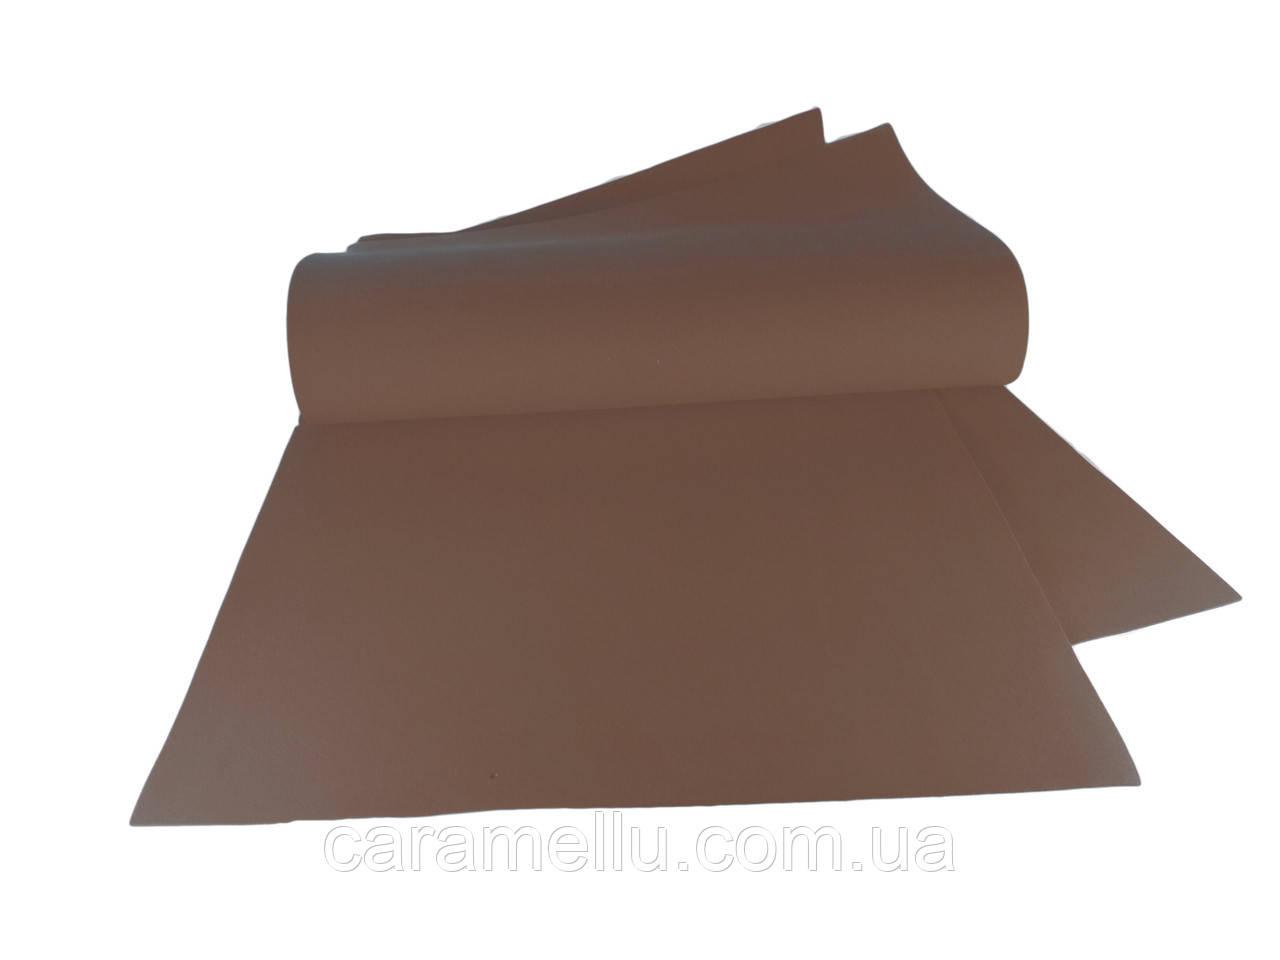 Фоамиран иранский 191, Темно-коричневый, 1мм, 70х30см.